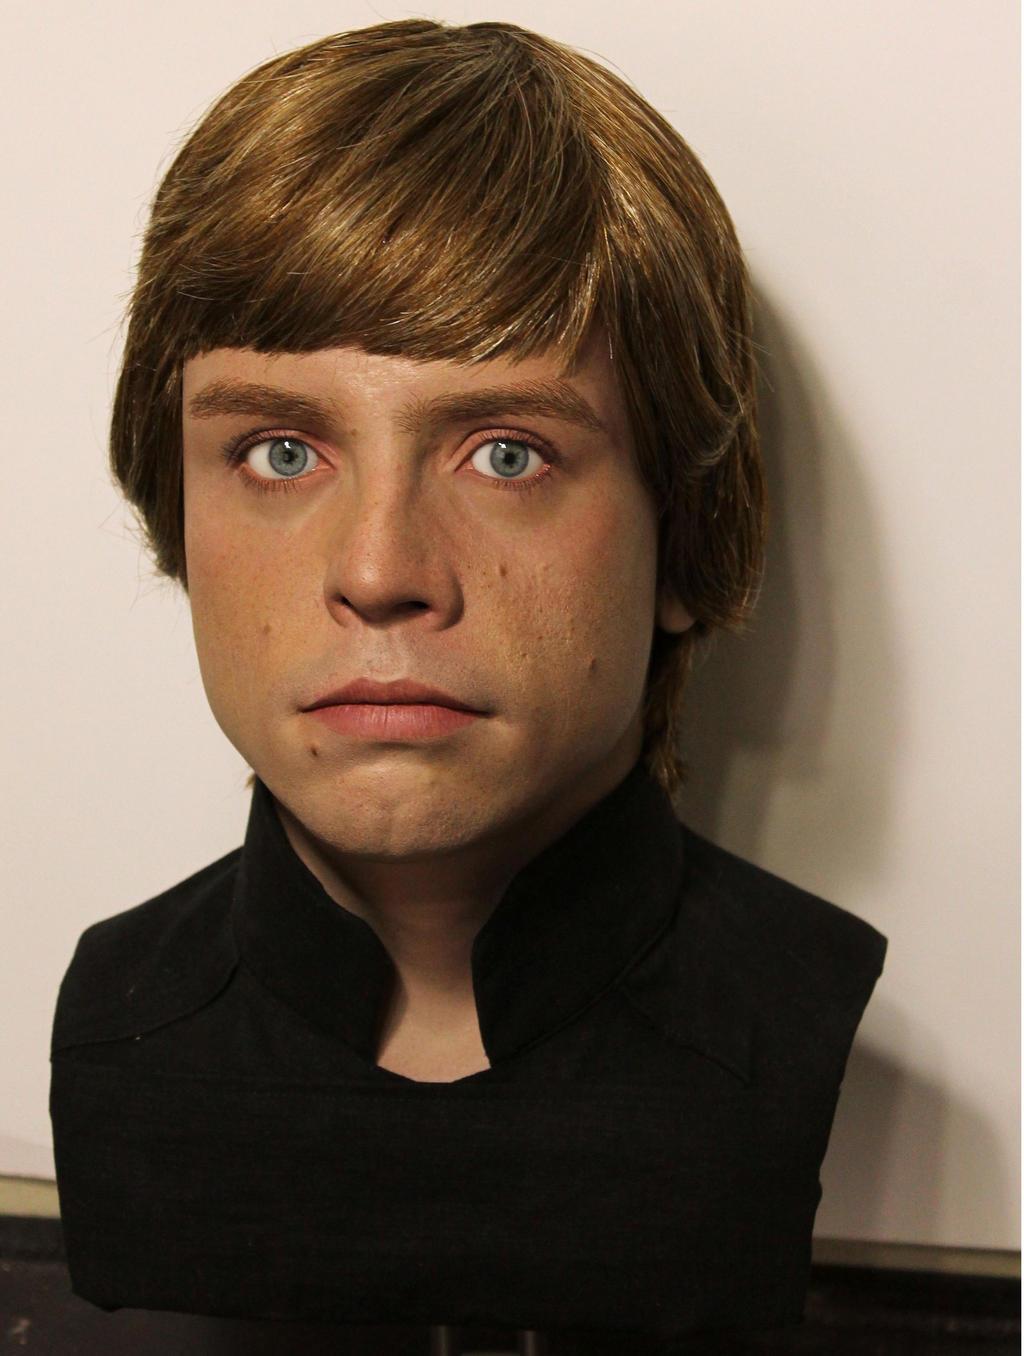 Lifesize Luke Skywalker bust